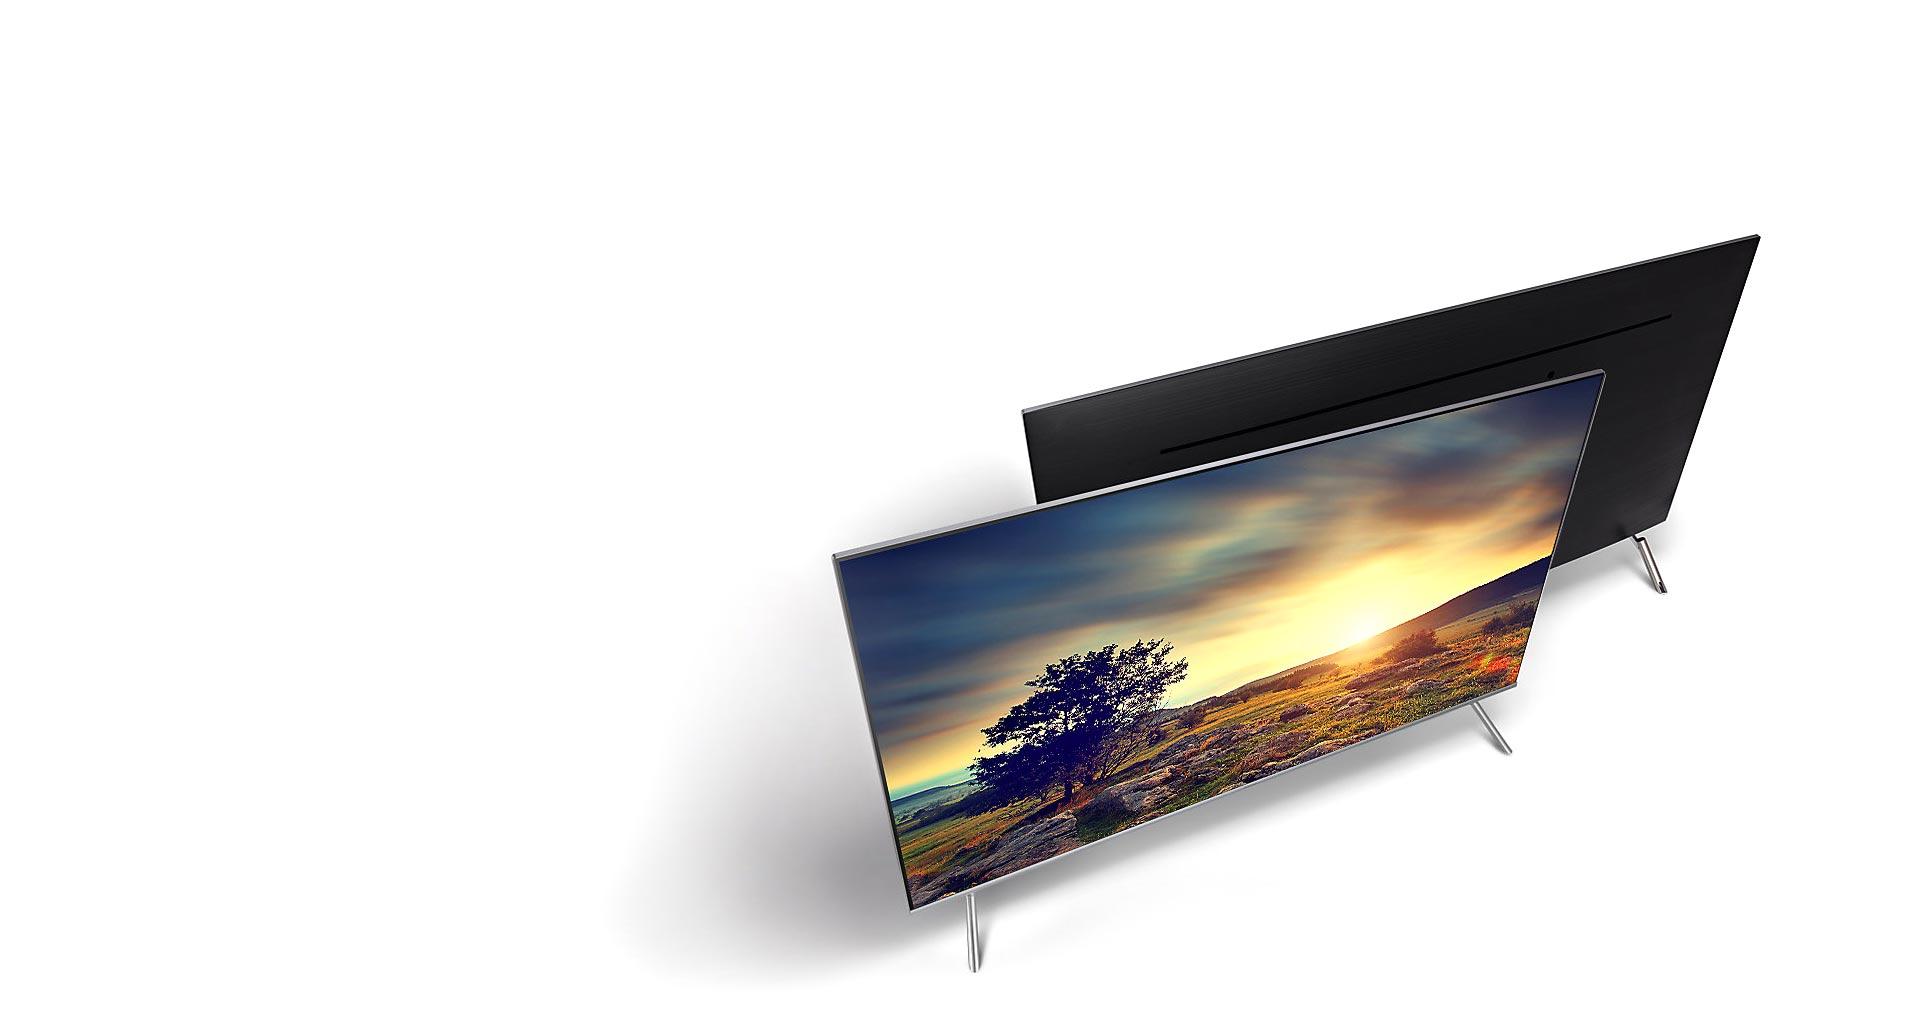 قیمت تلویزیون سامسونگ 75 اینچ سری 8